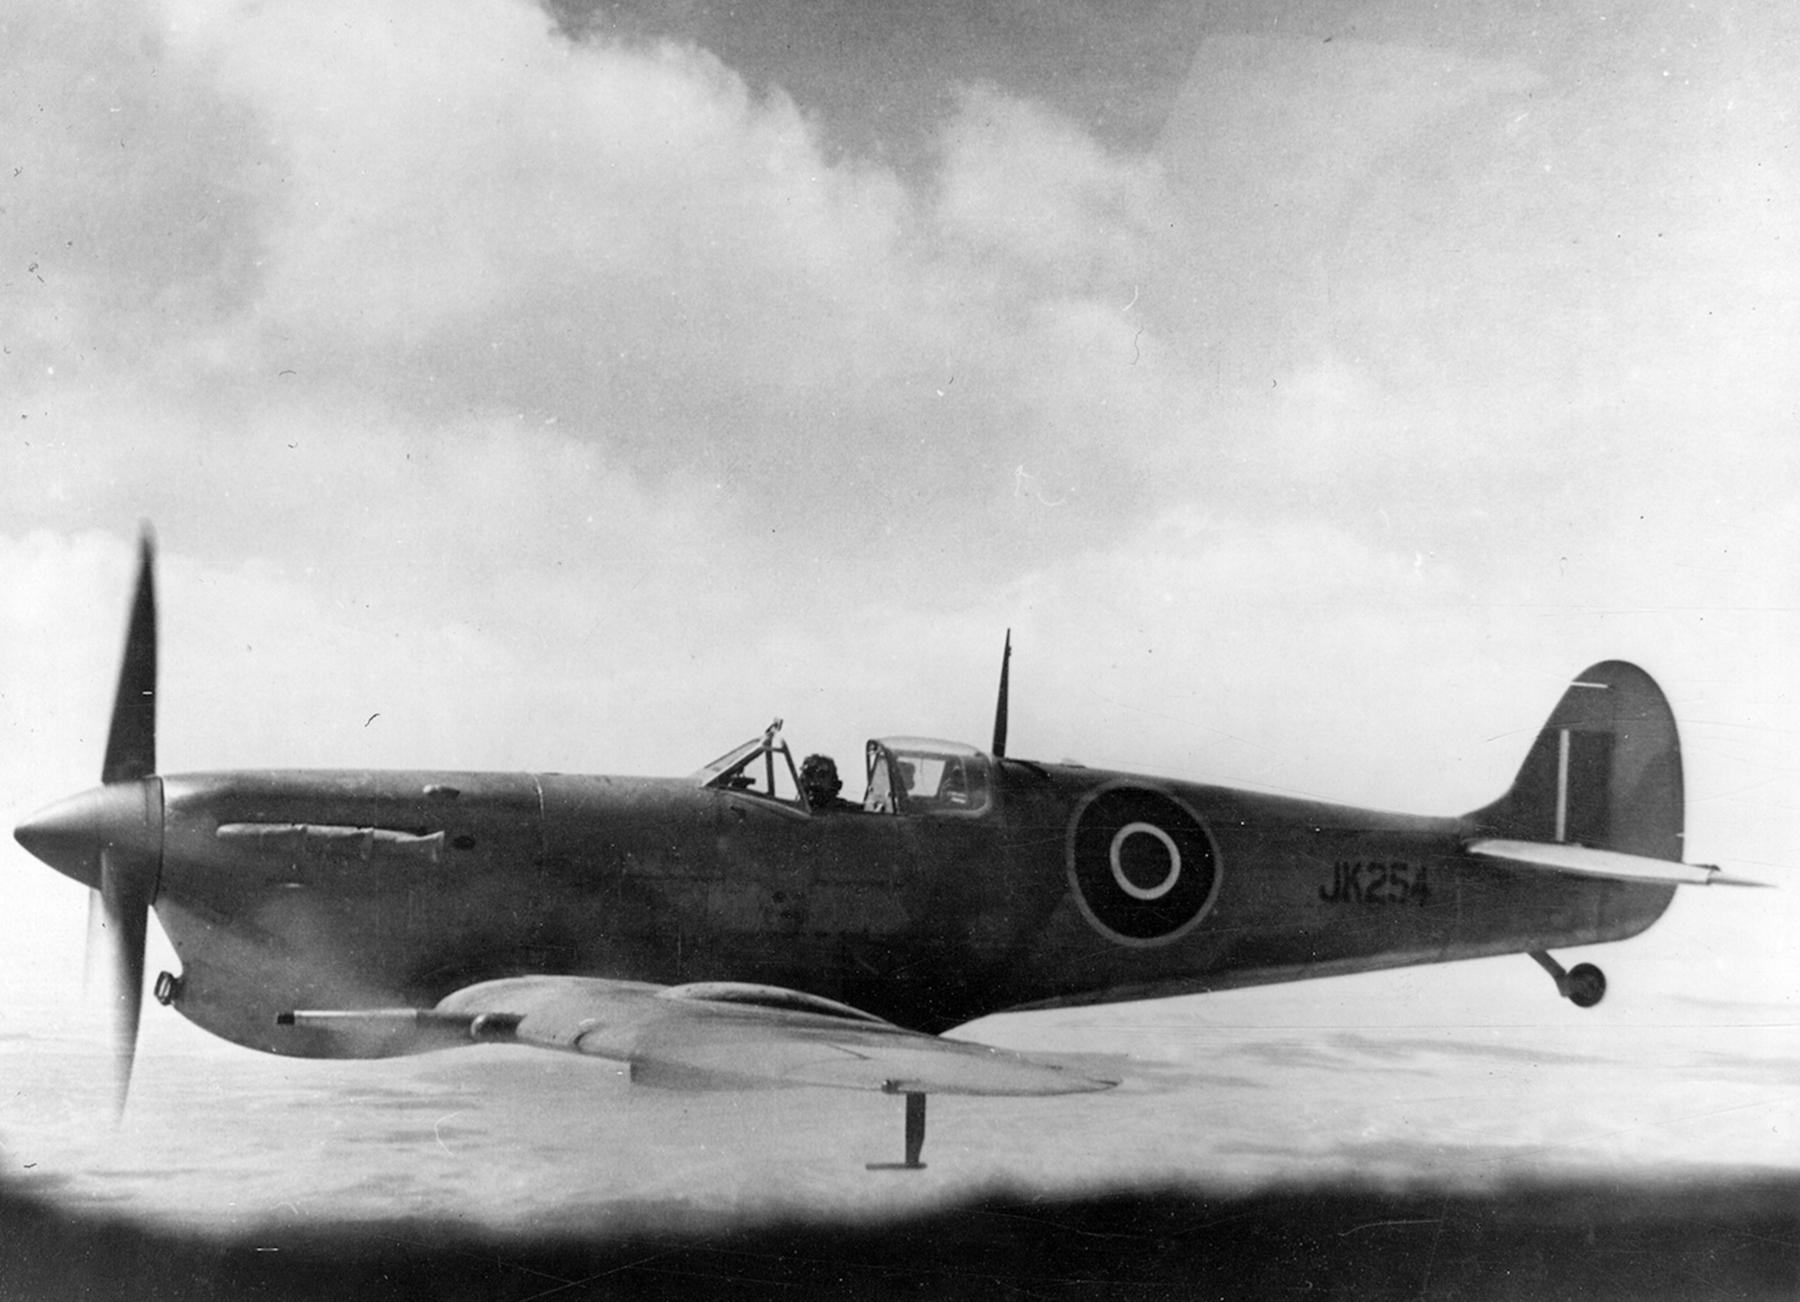 Spitfire MkVcTrop RAF JK254 Middle East 1943 01